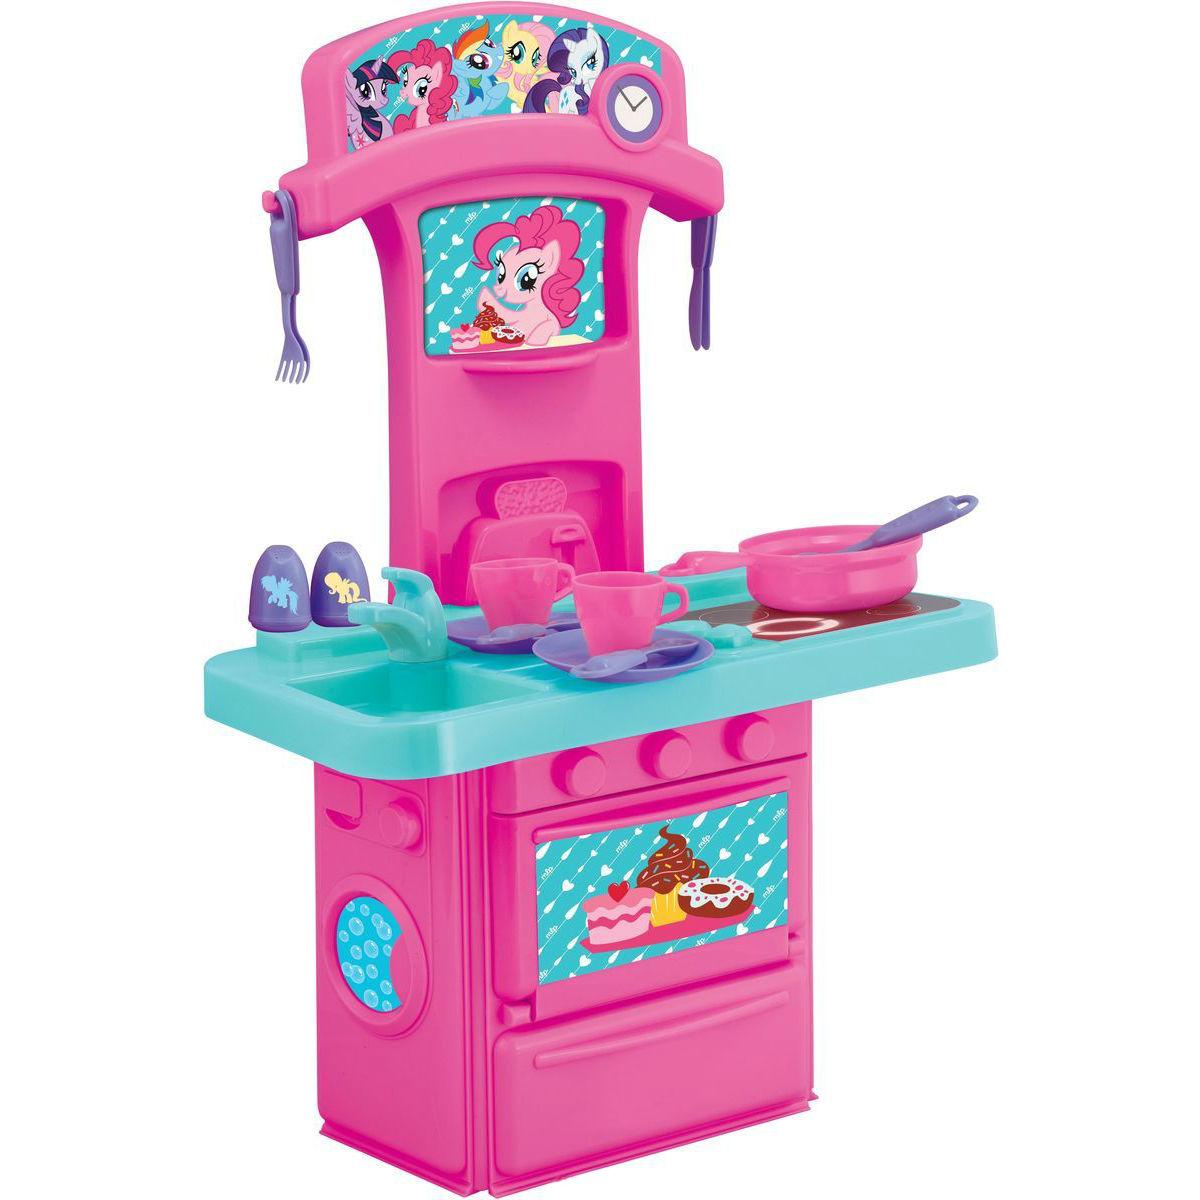 Мини-кухня My Little Pony, свет и звукДетские игровые кухни<br>Мини-кухня My Little Pony, свет и звук<br>